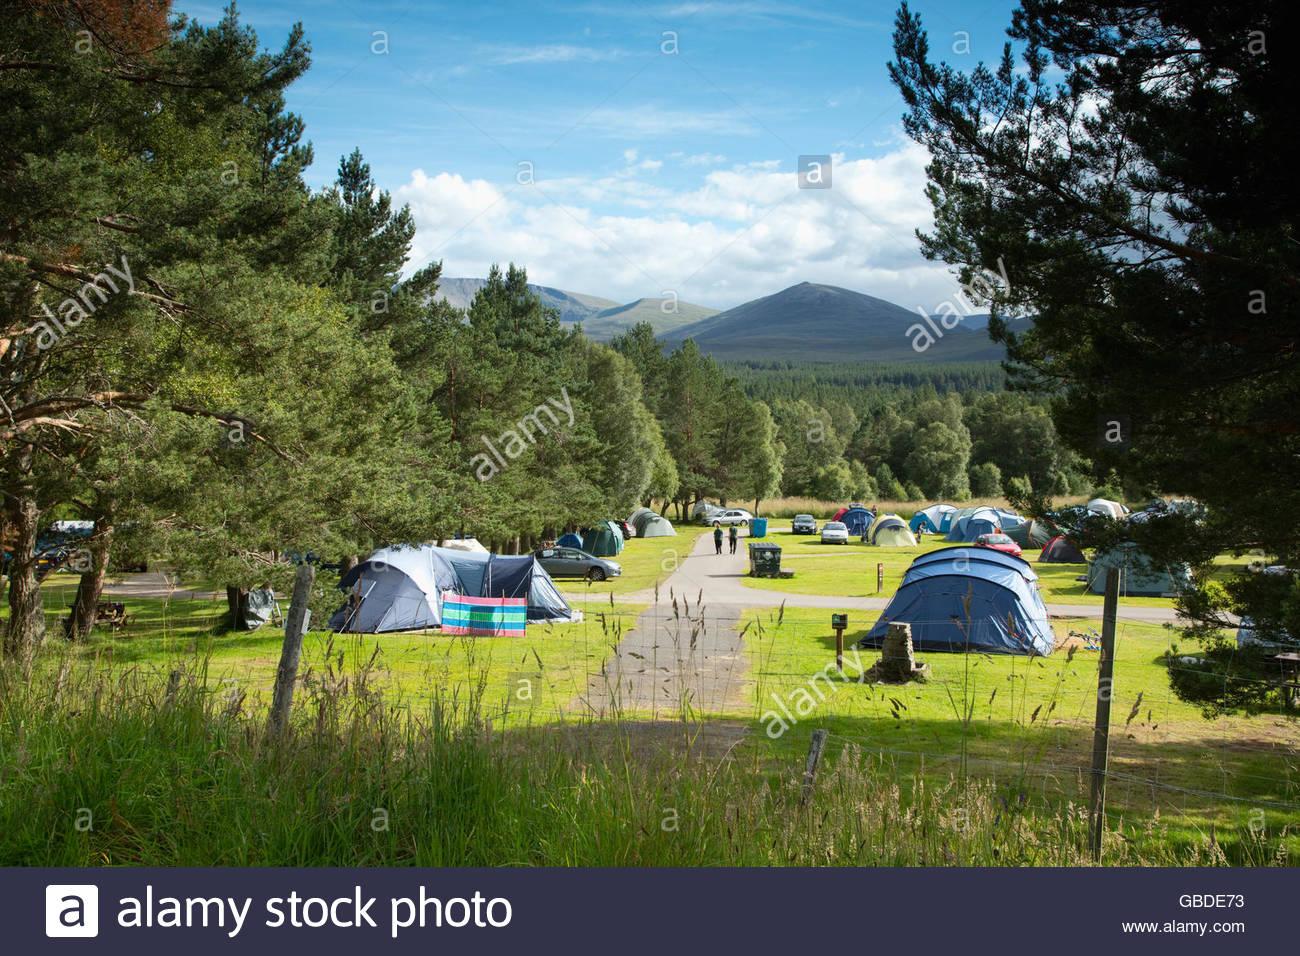 Il campeggio occupato a Glenmore Forest Park vicino a Aviemore, Highlands della Scozia. Immagini Stock